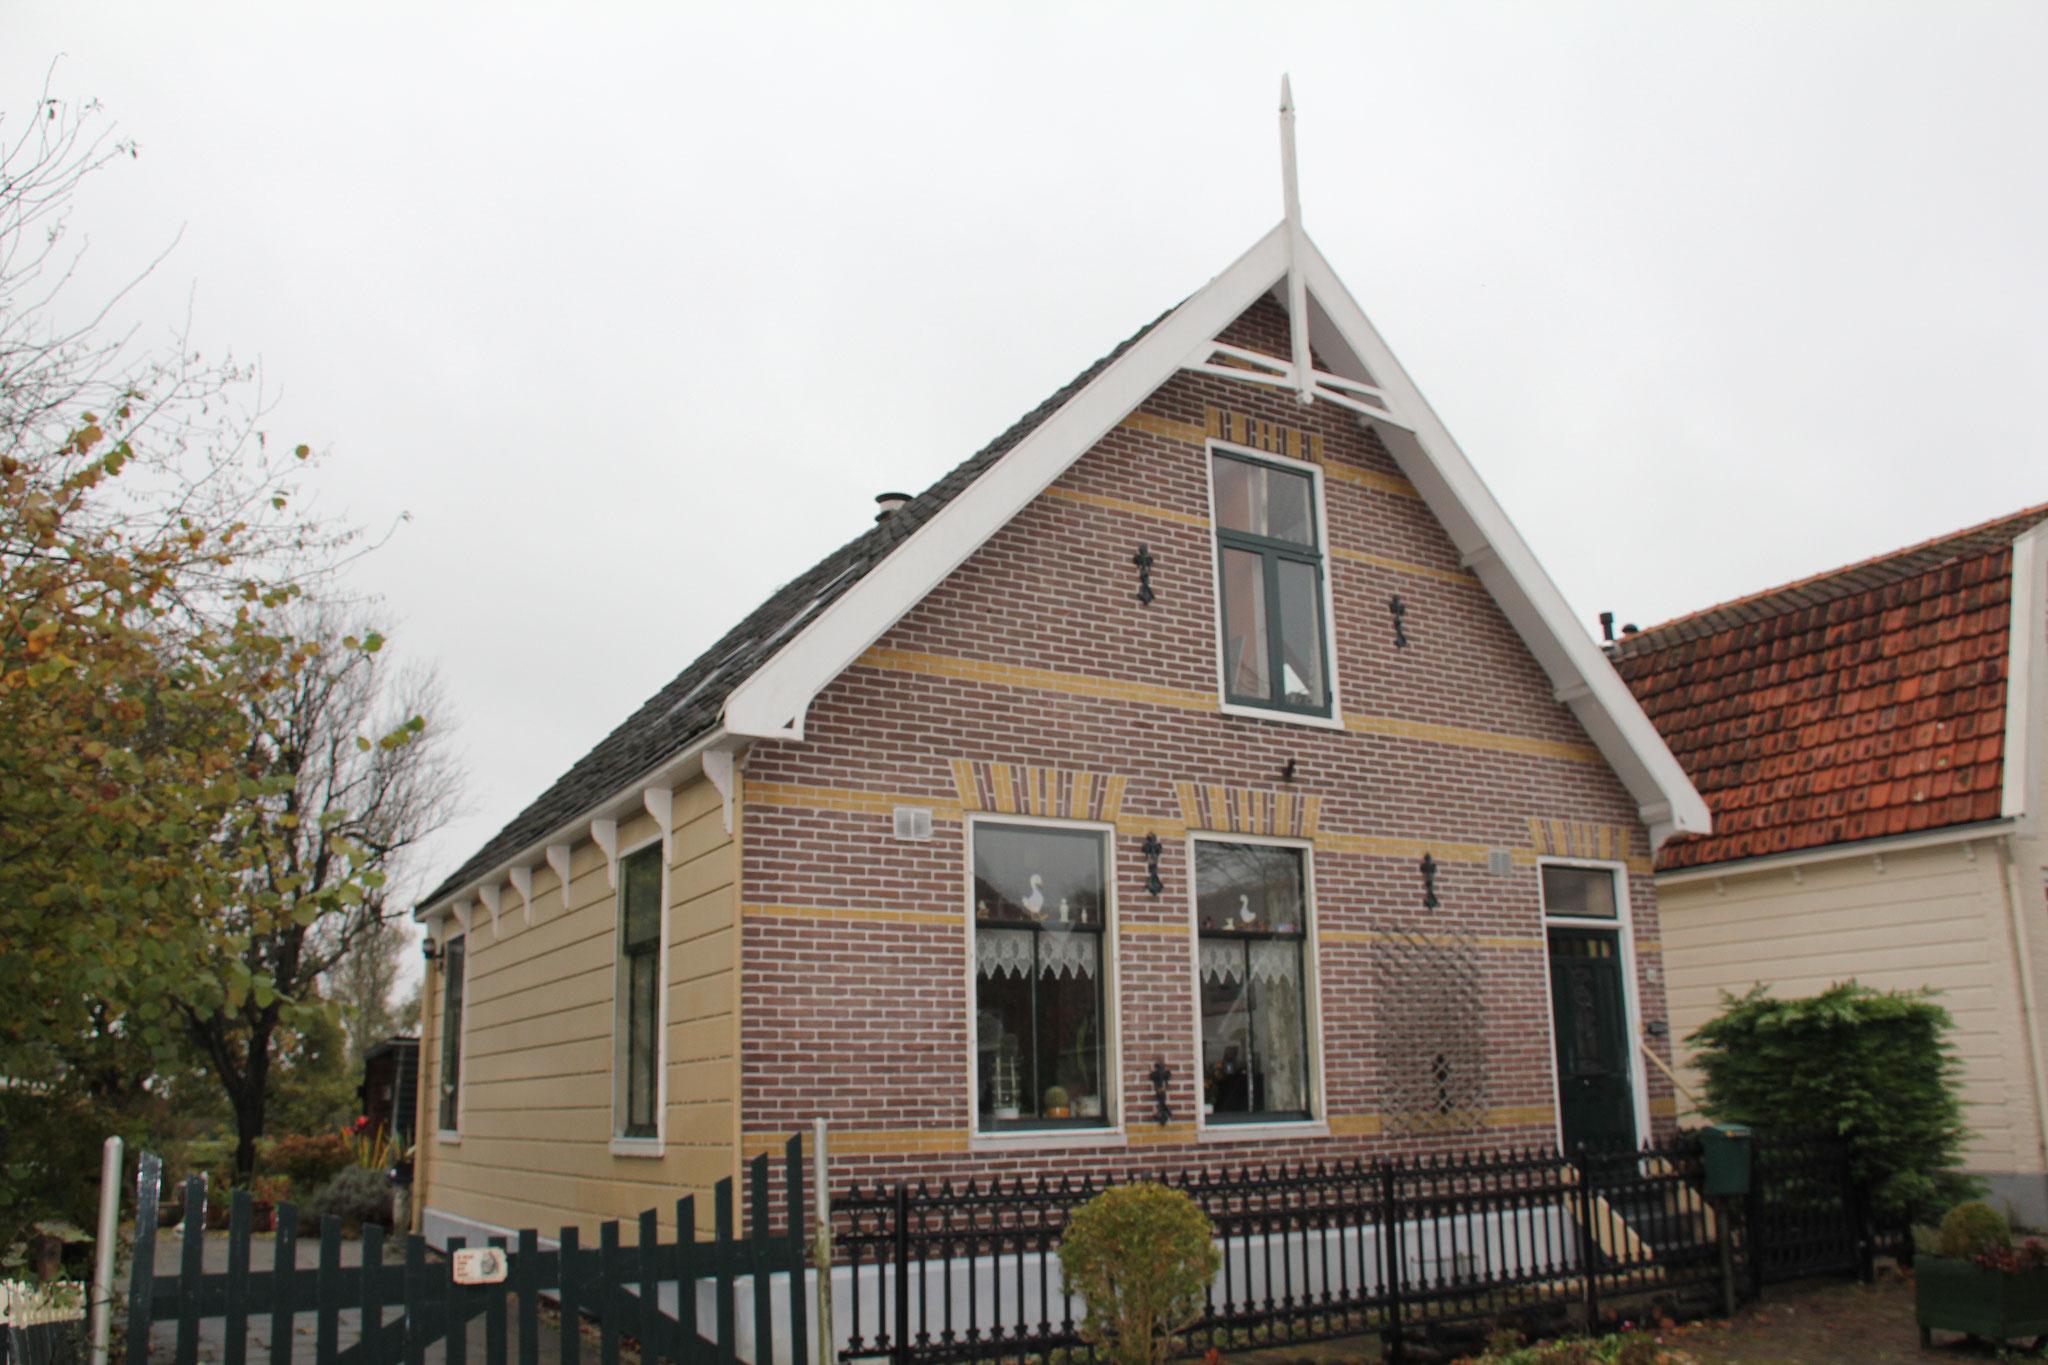 Laan 14, houten huis met bakstenen voorgevel.